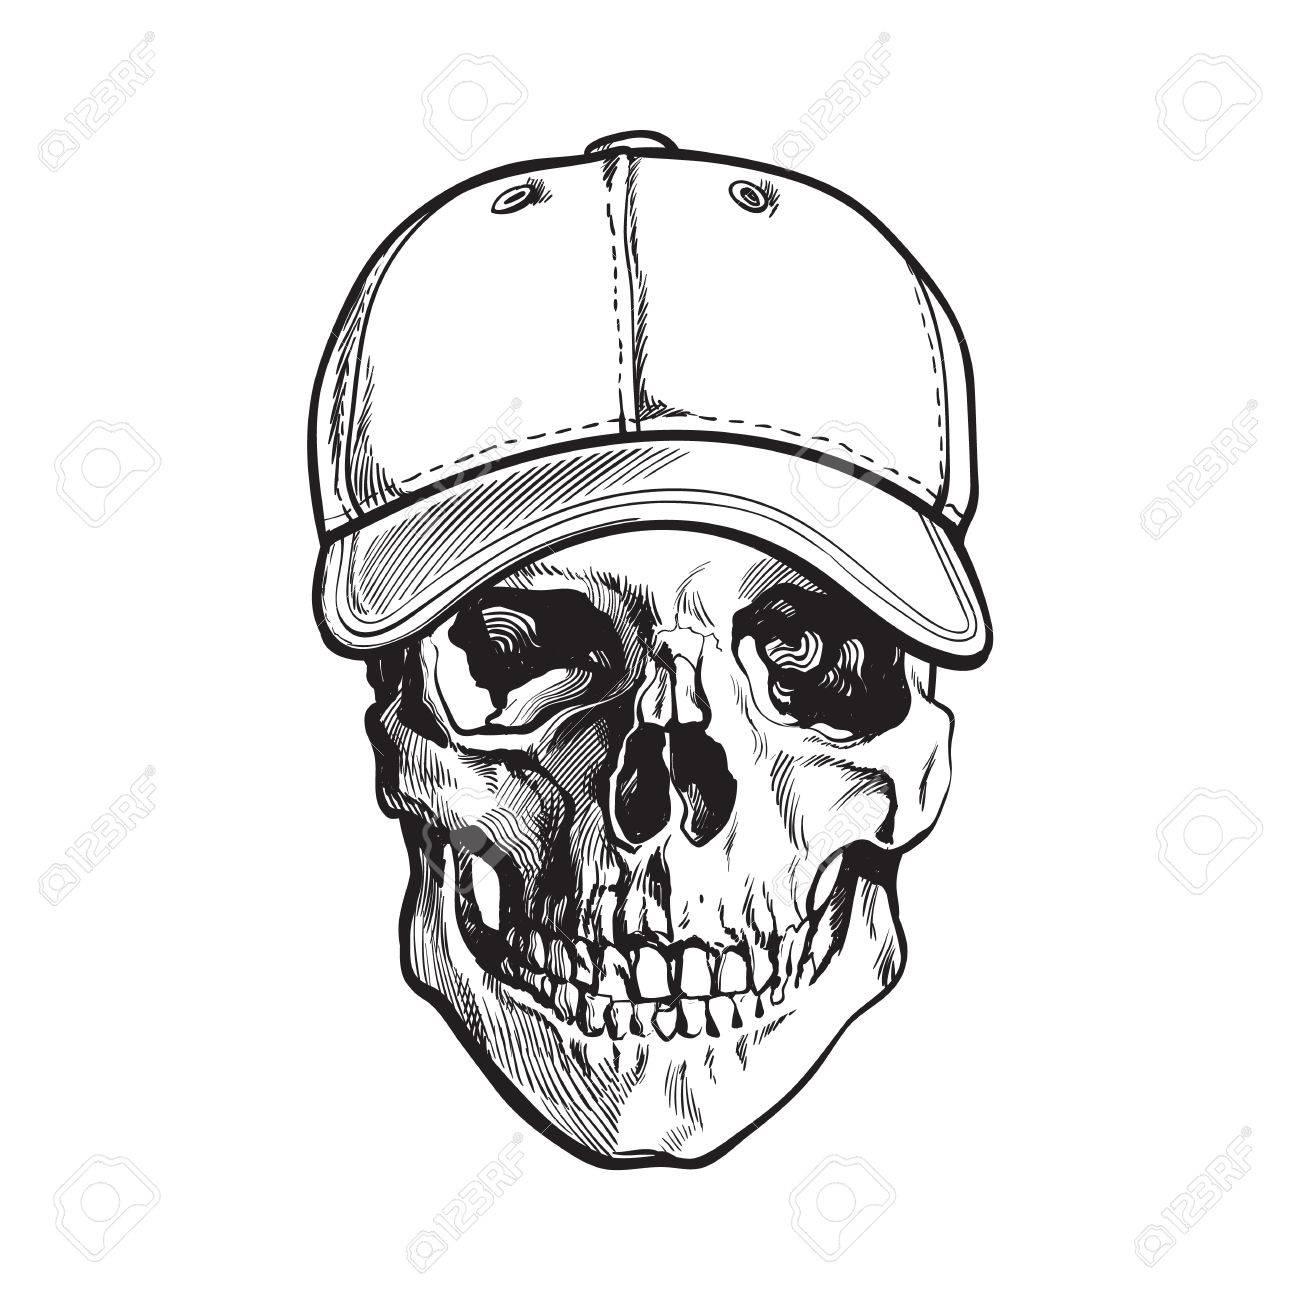 Cráneo Humano Dibujado A Mano Con Gorra De Béisbol Blanco Y Negro ...